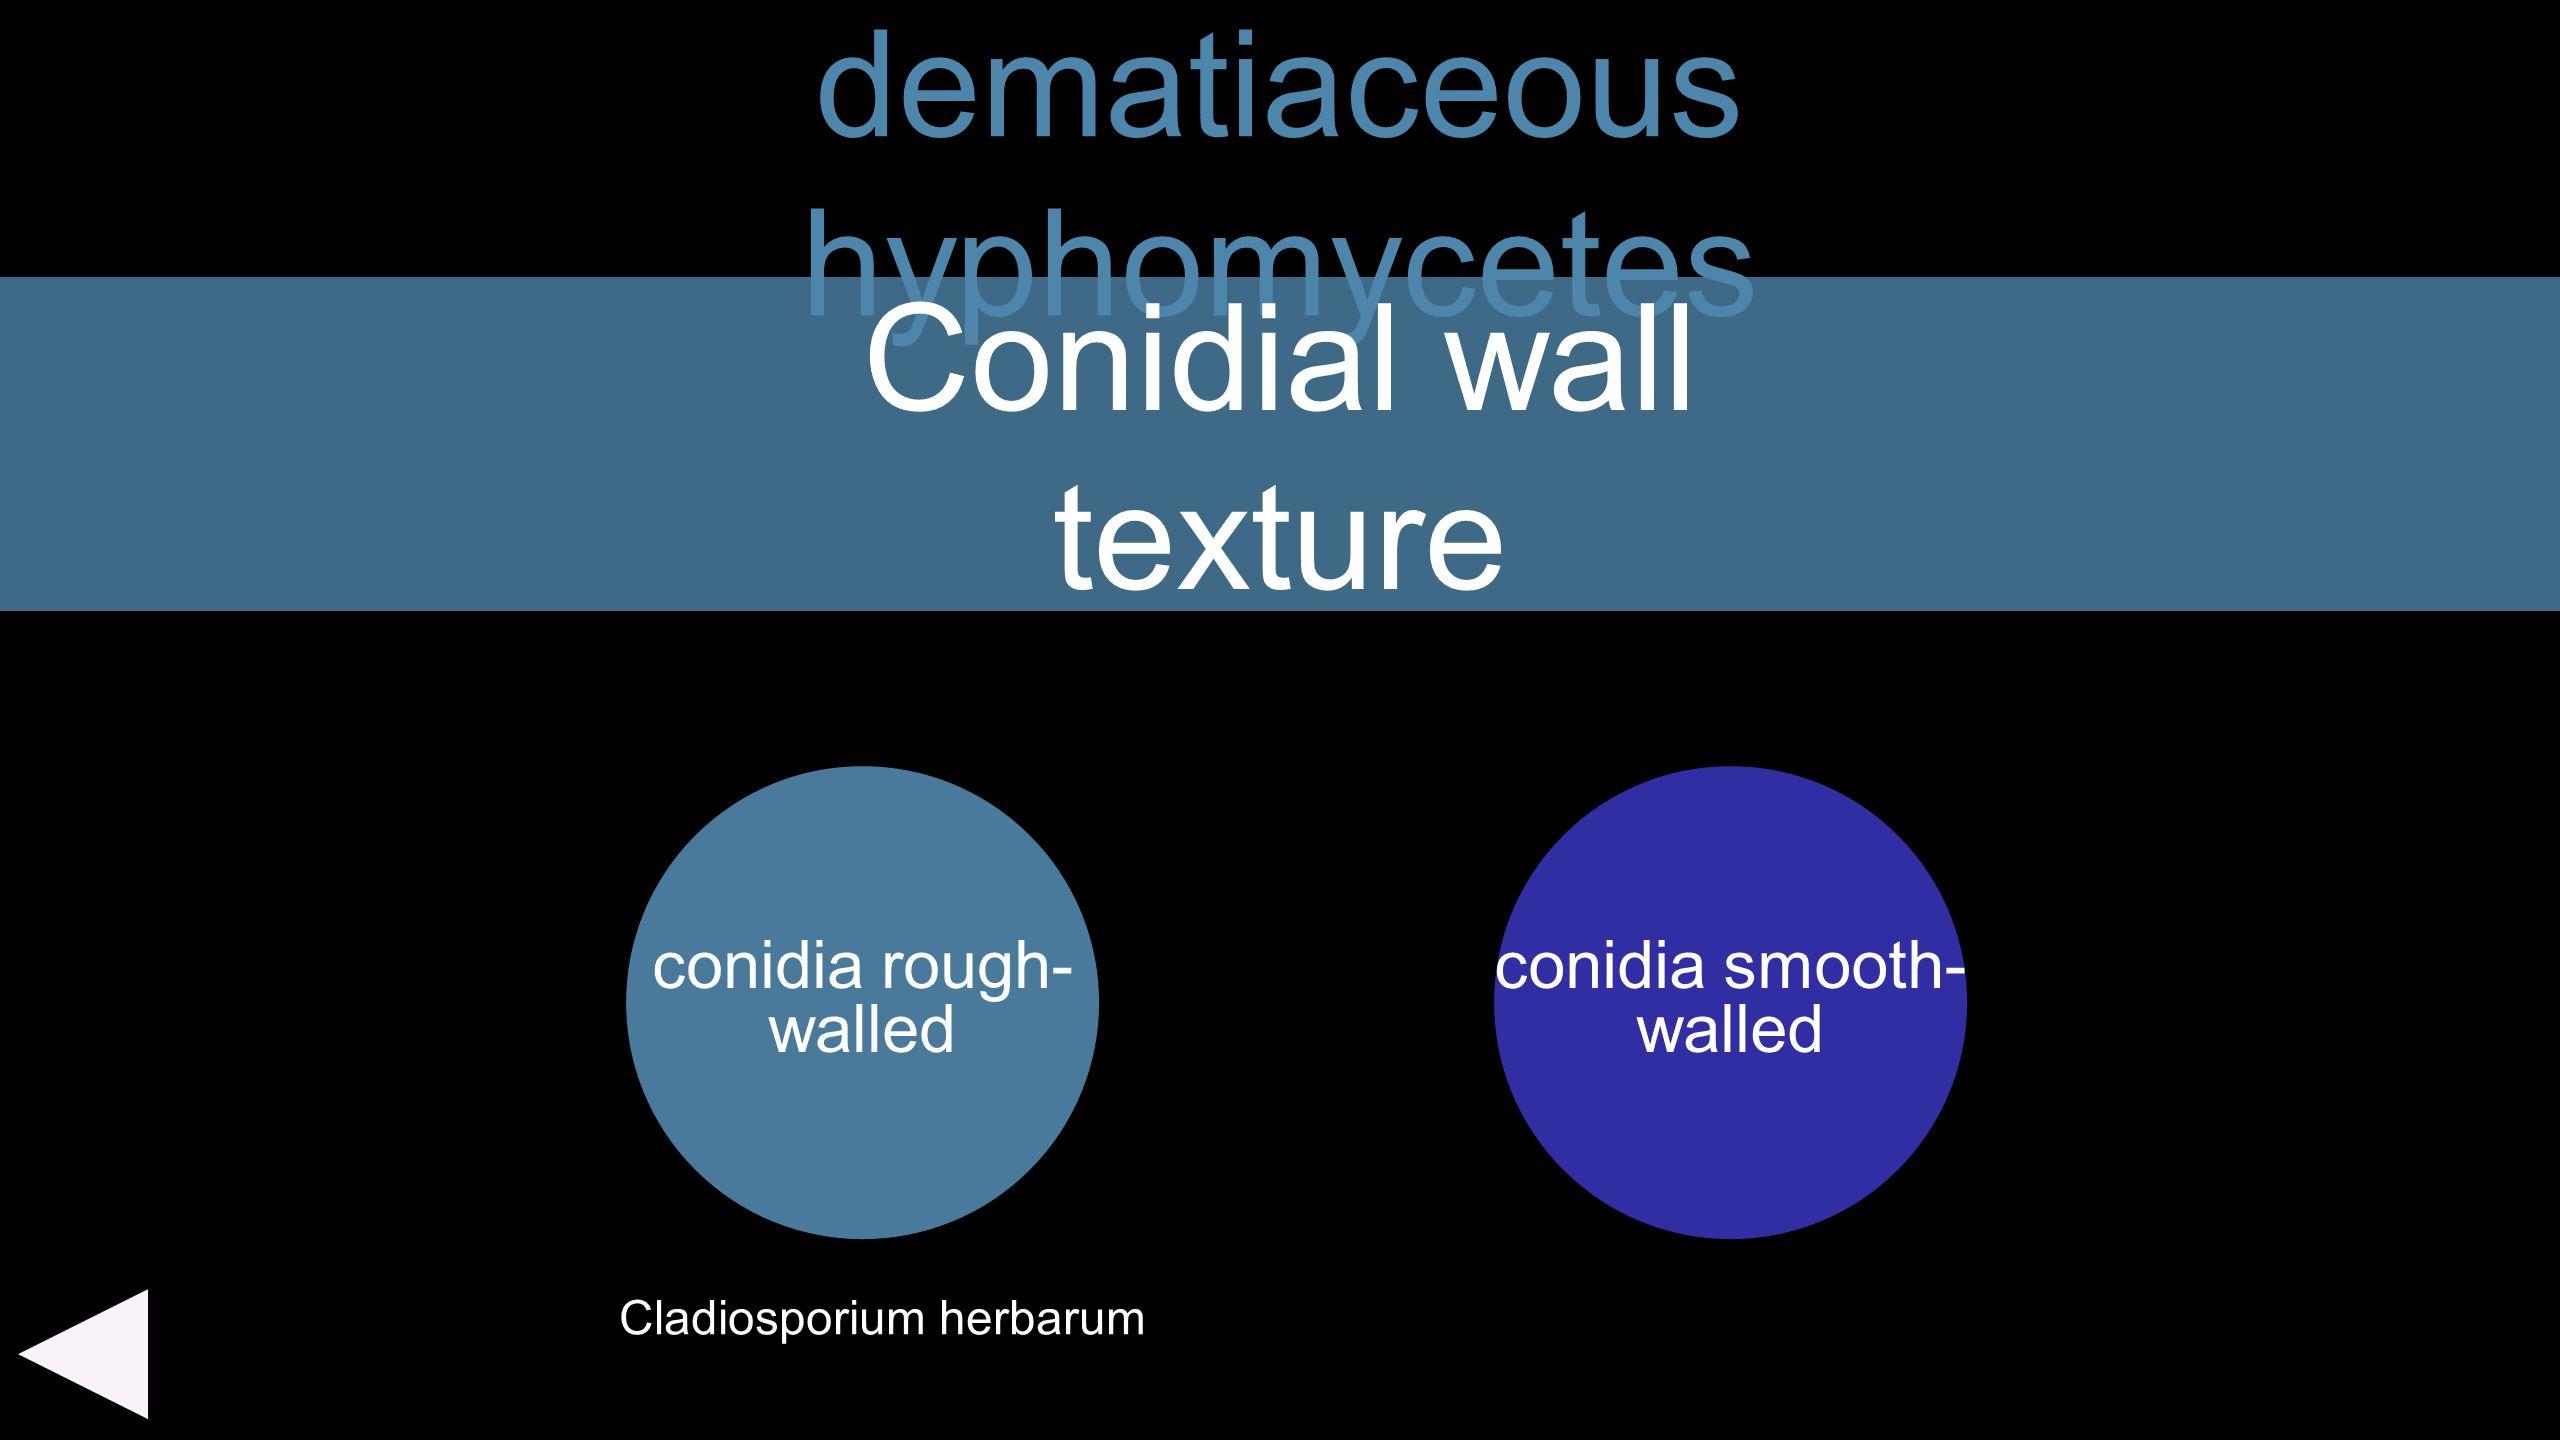 dematiaceous hyphomycetes conidia rough- walled Conidial wall texture conidia smooth- walled Cladiosporium herbarum